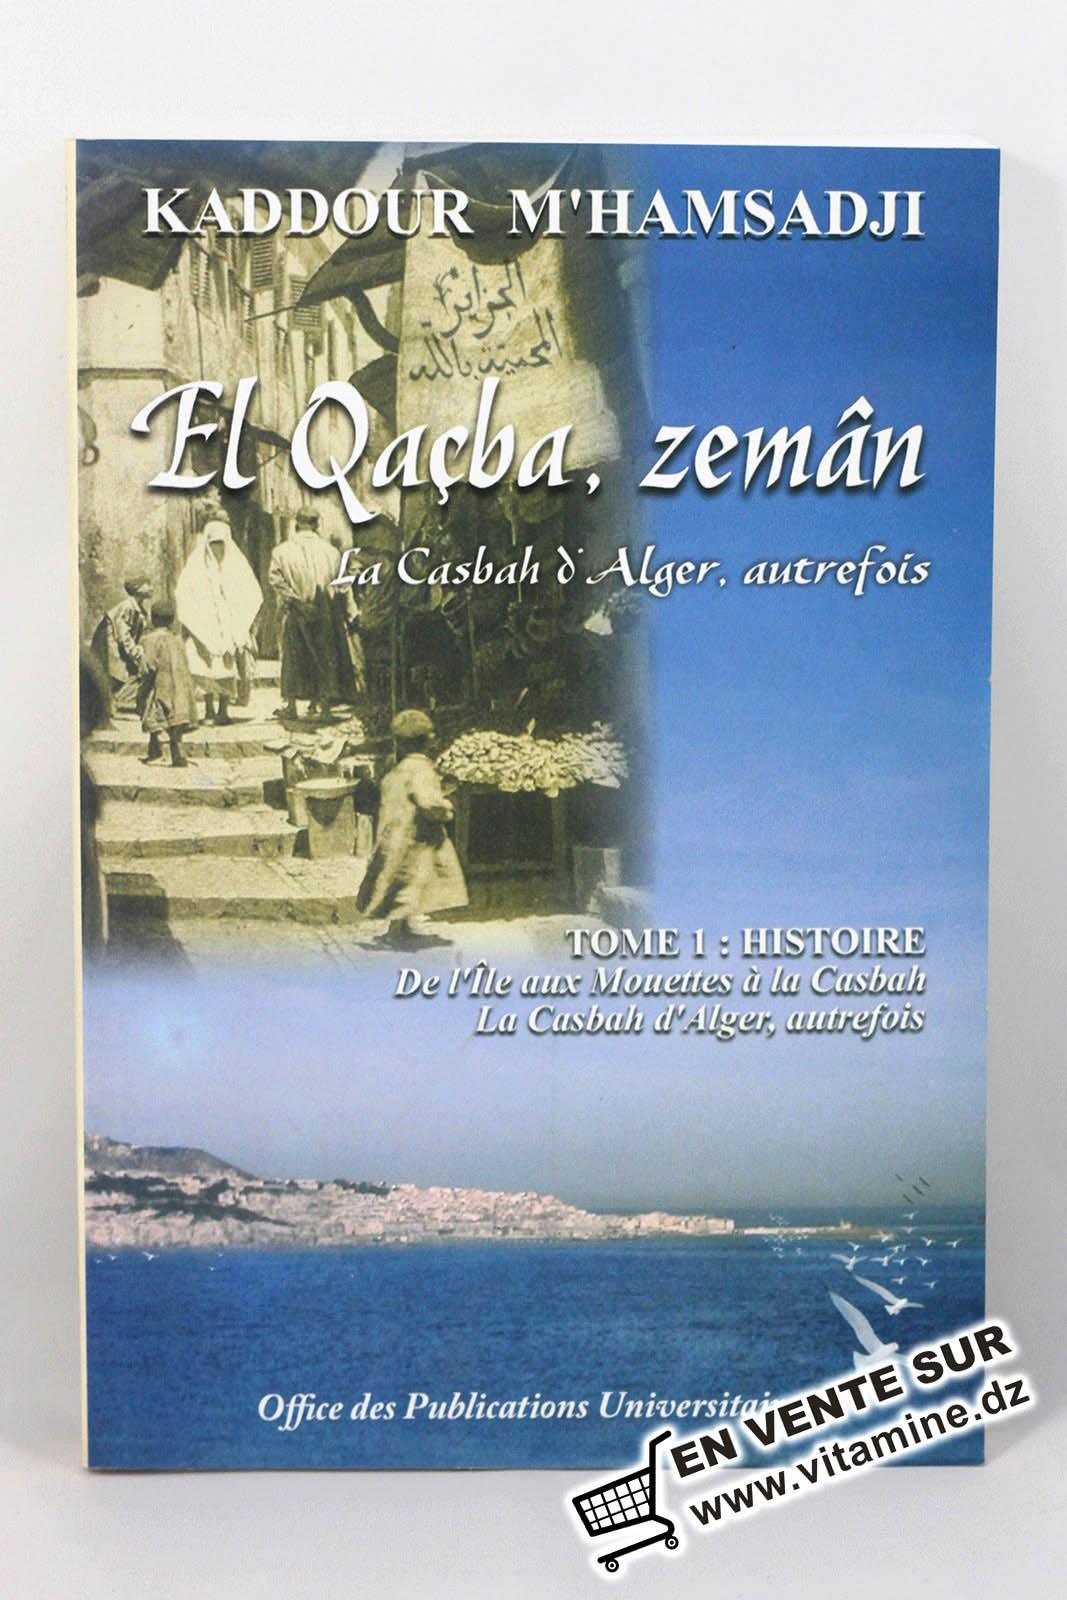 Kaddour M'hamsadji - EL Qaçba, zemân (tome 1) القصبة زمان